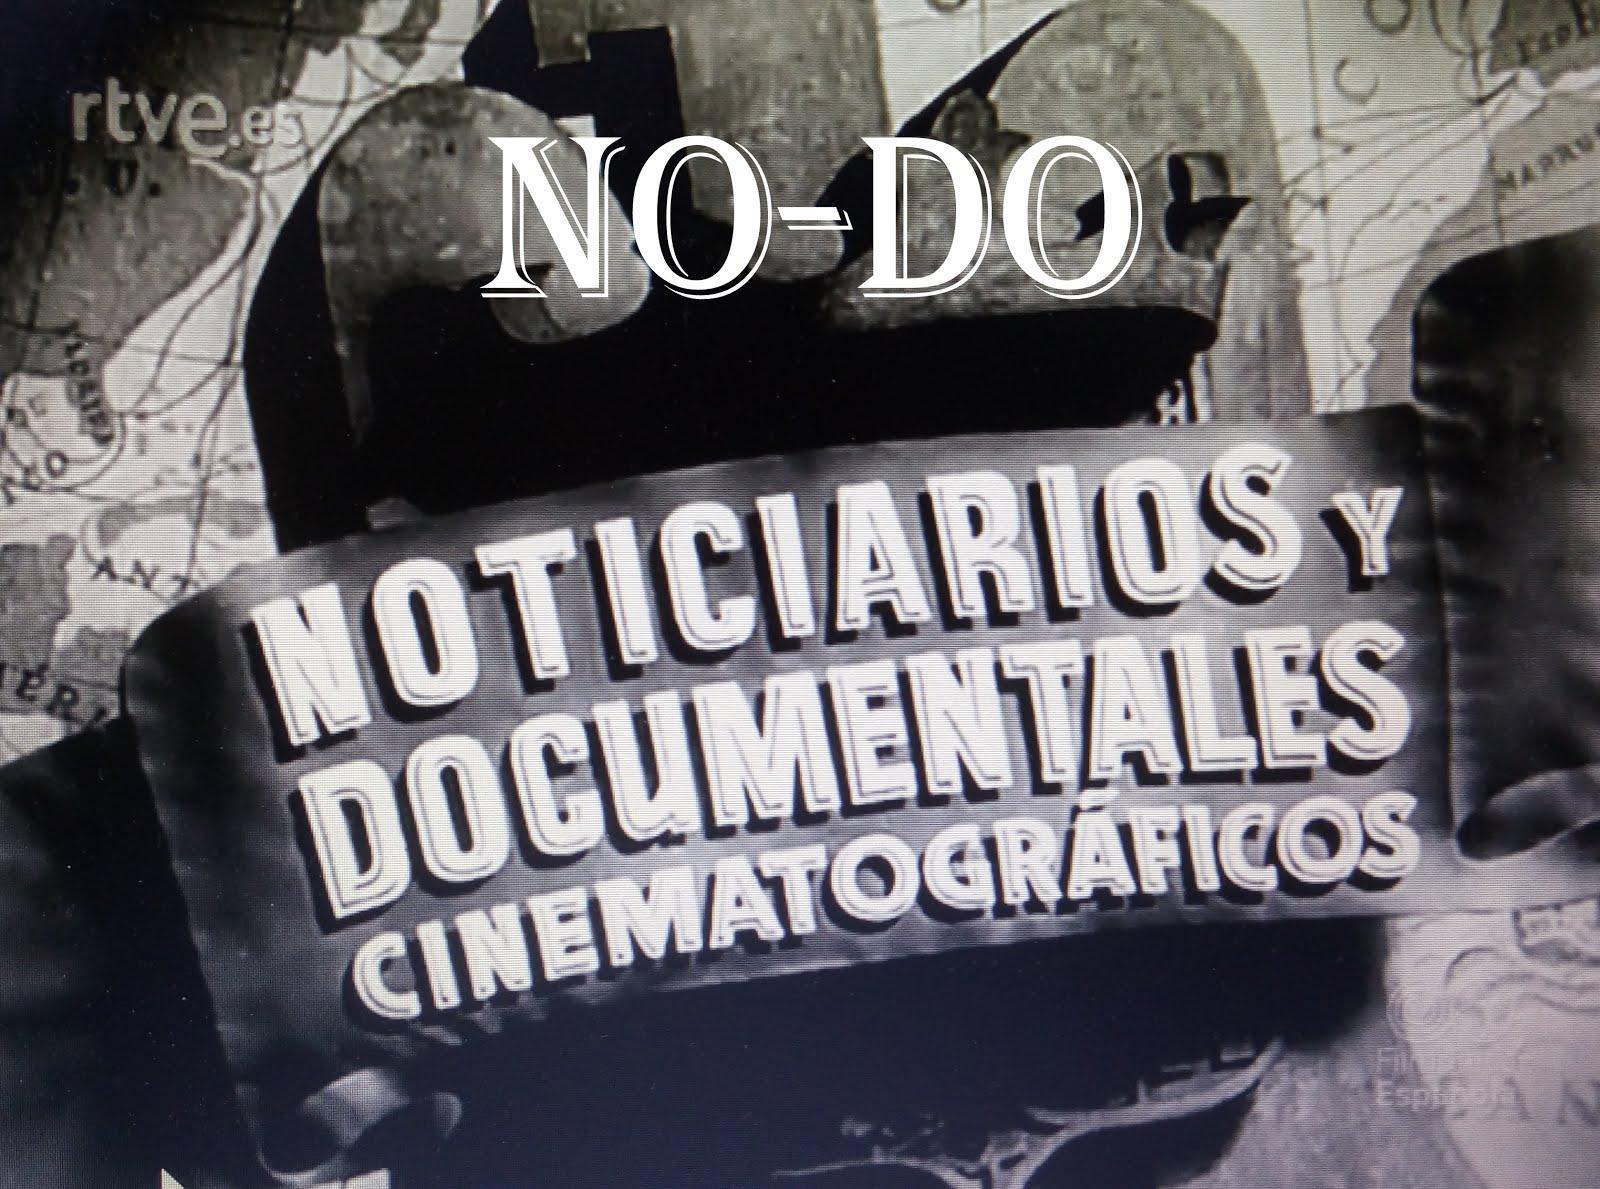 05.03.1956 EL NO-DO, CON NOTICIAS Y DOCUMENTALES DE ESPAÑA, SOBRE MANISES.